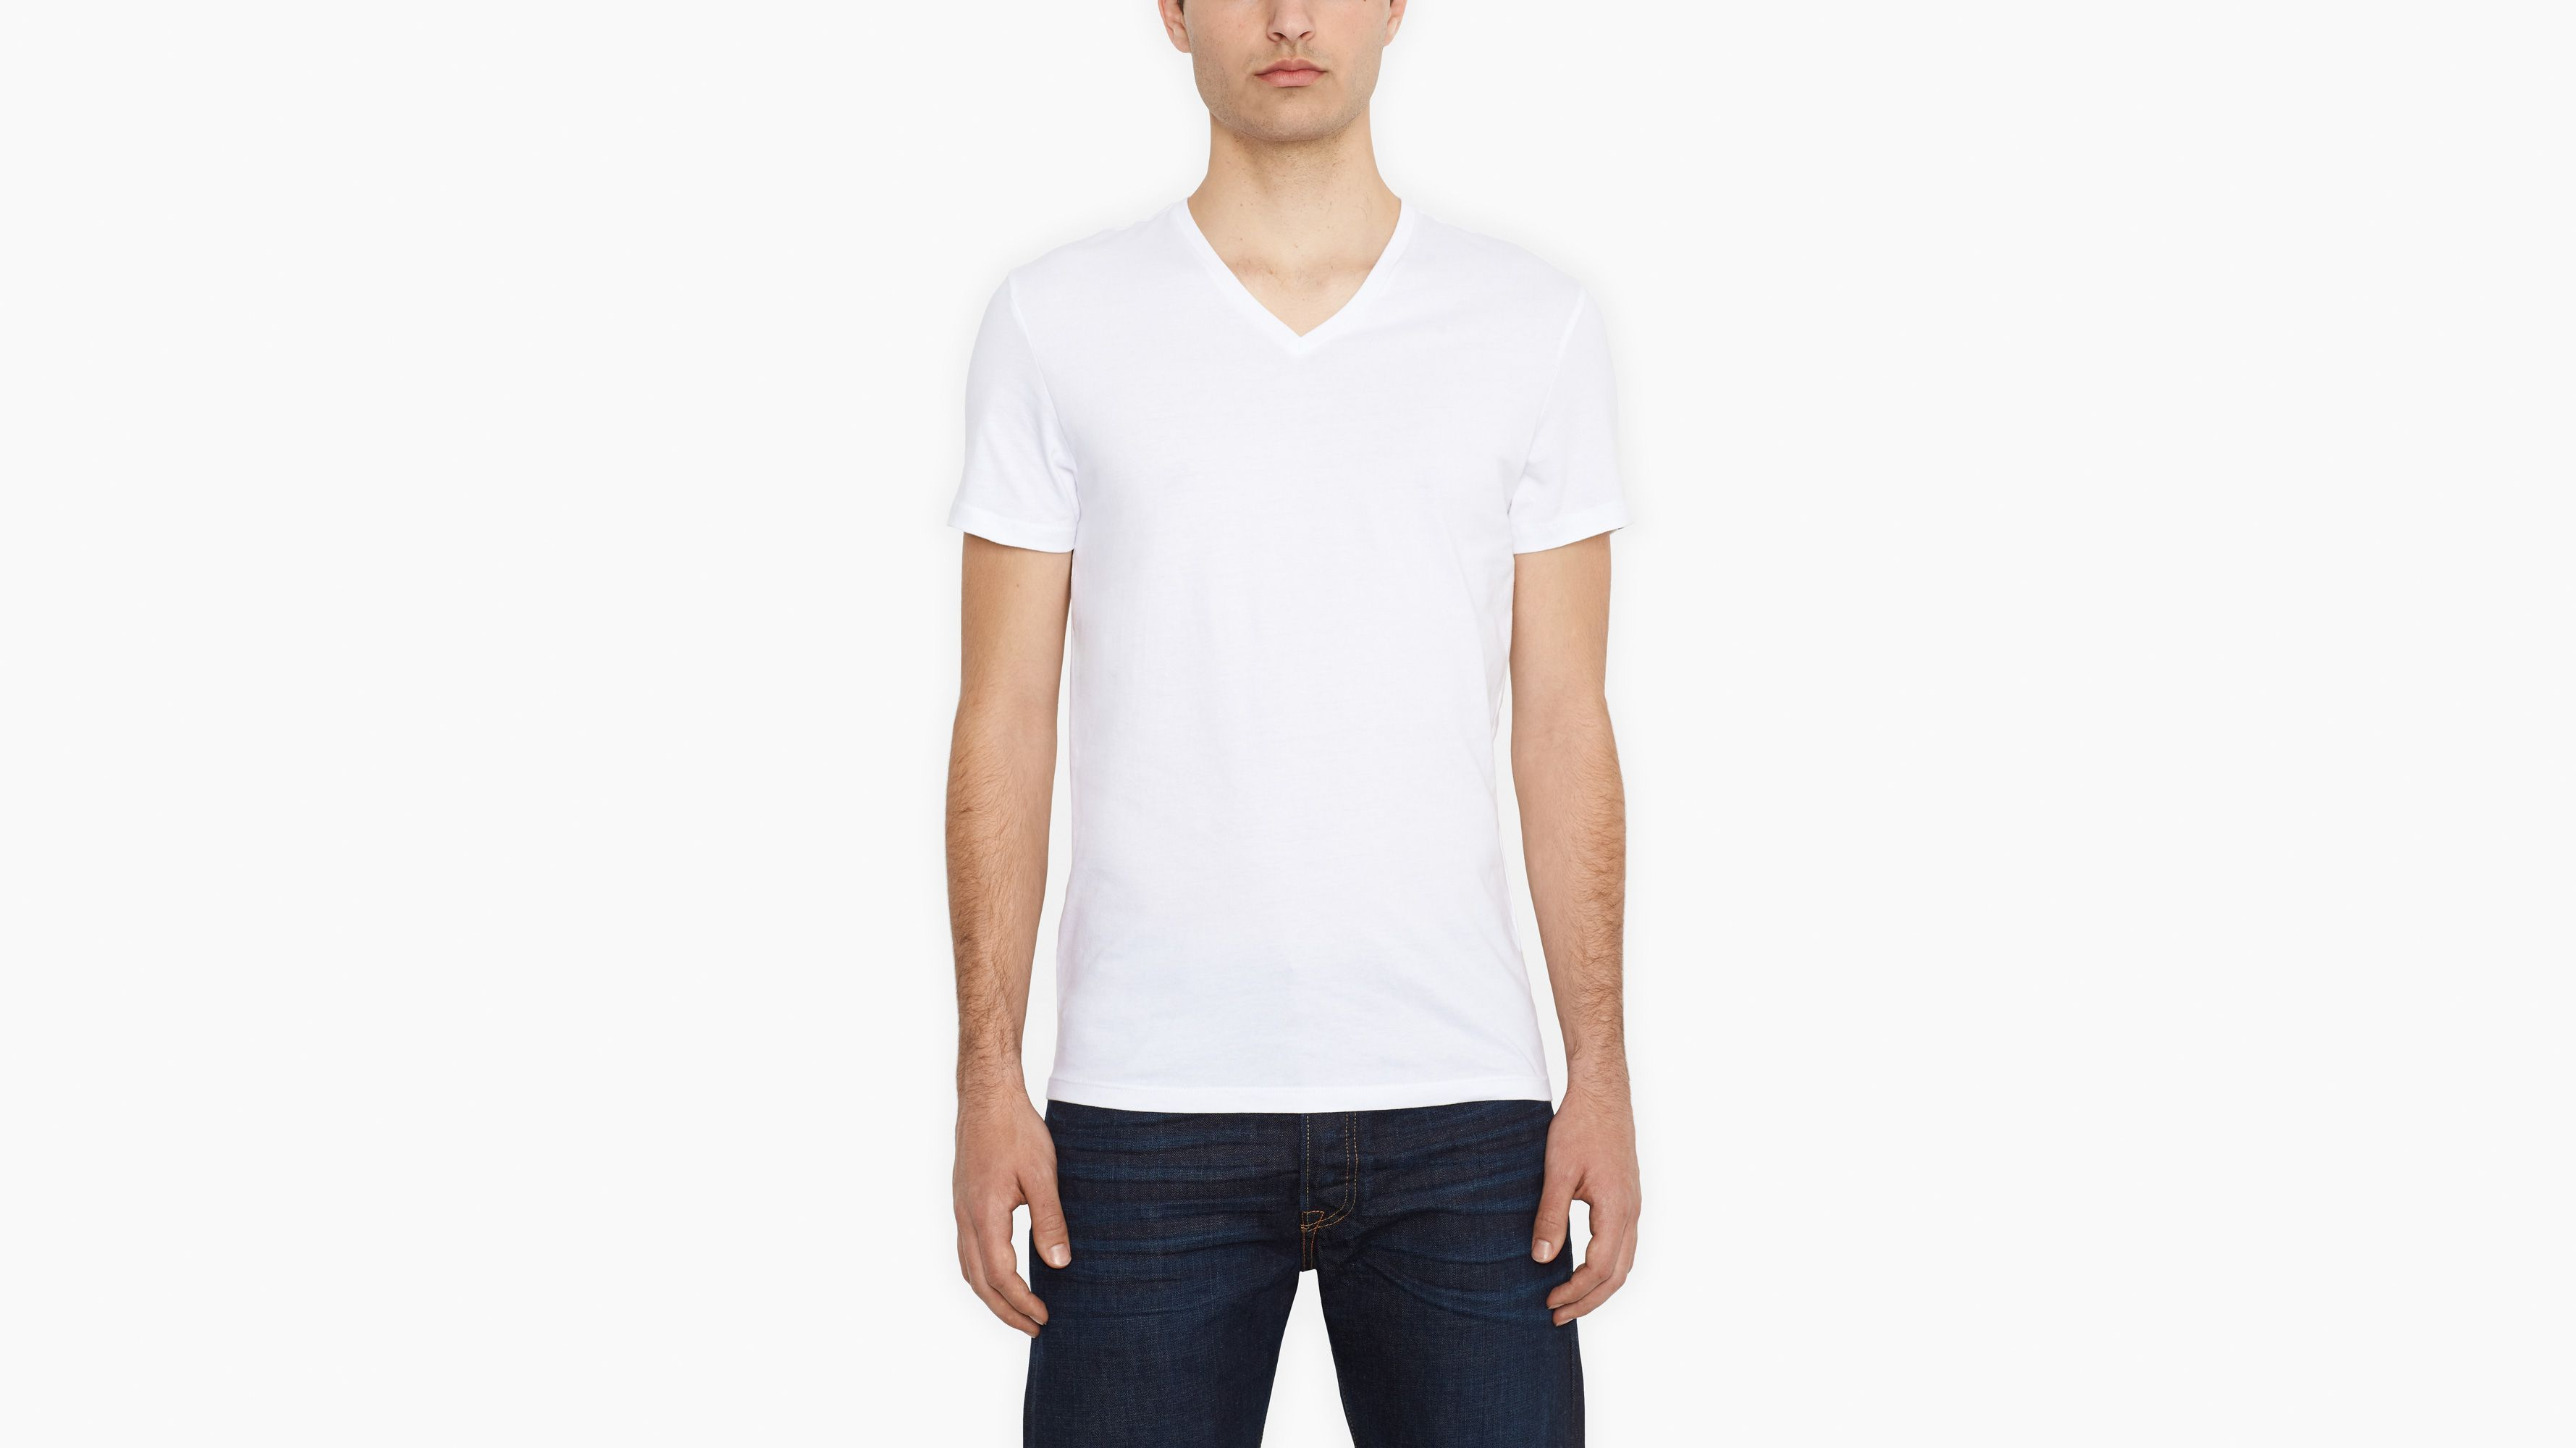 Two-Pack Slim Fit V-Neck Tees - White & White